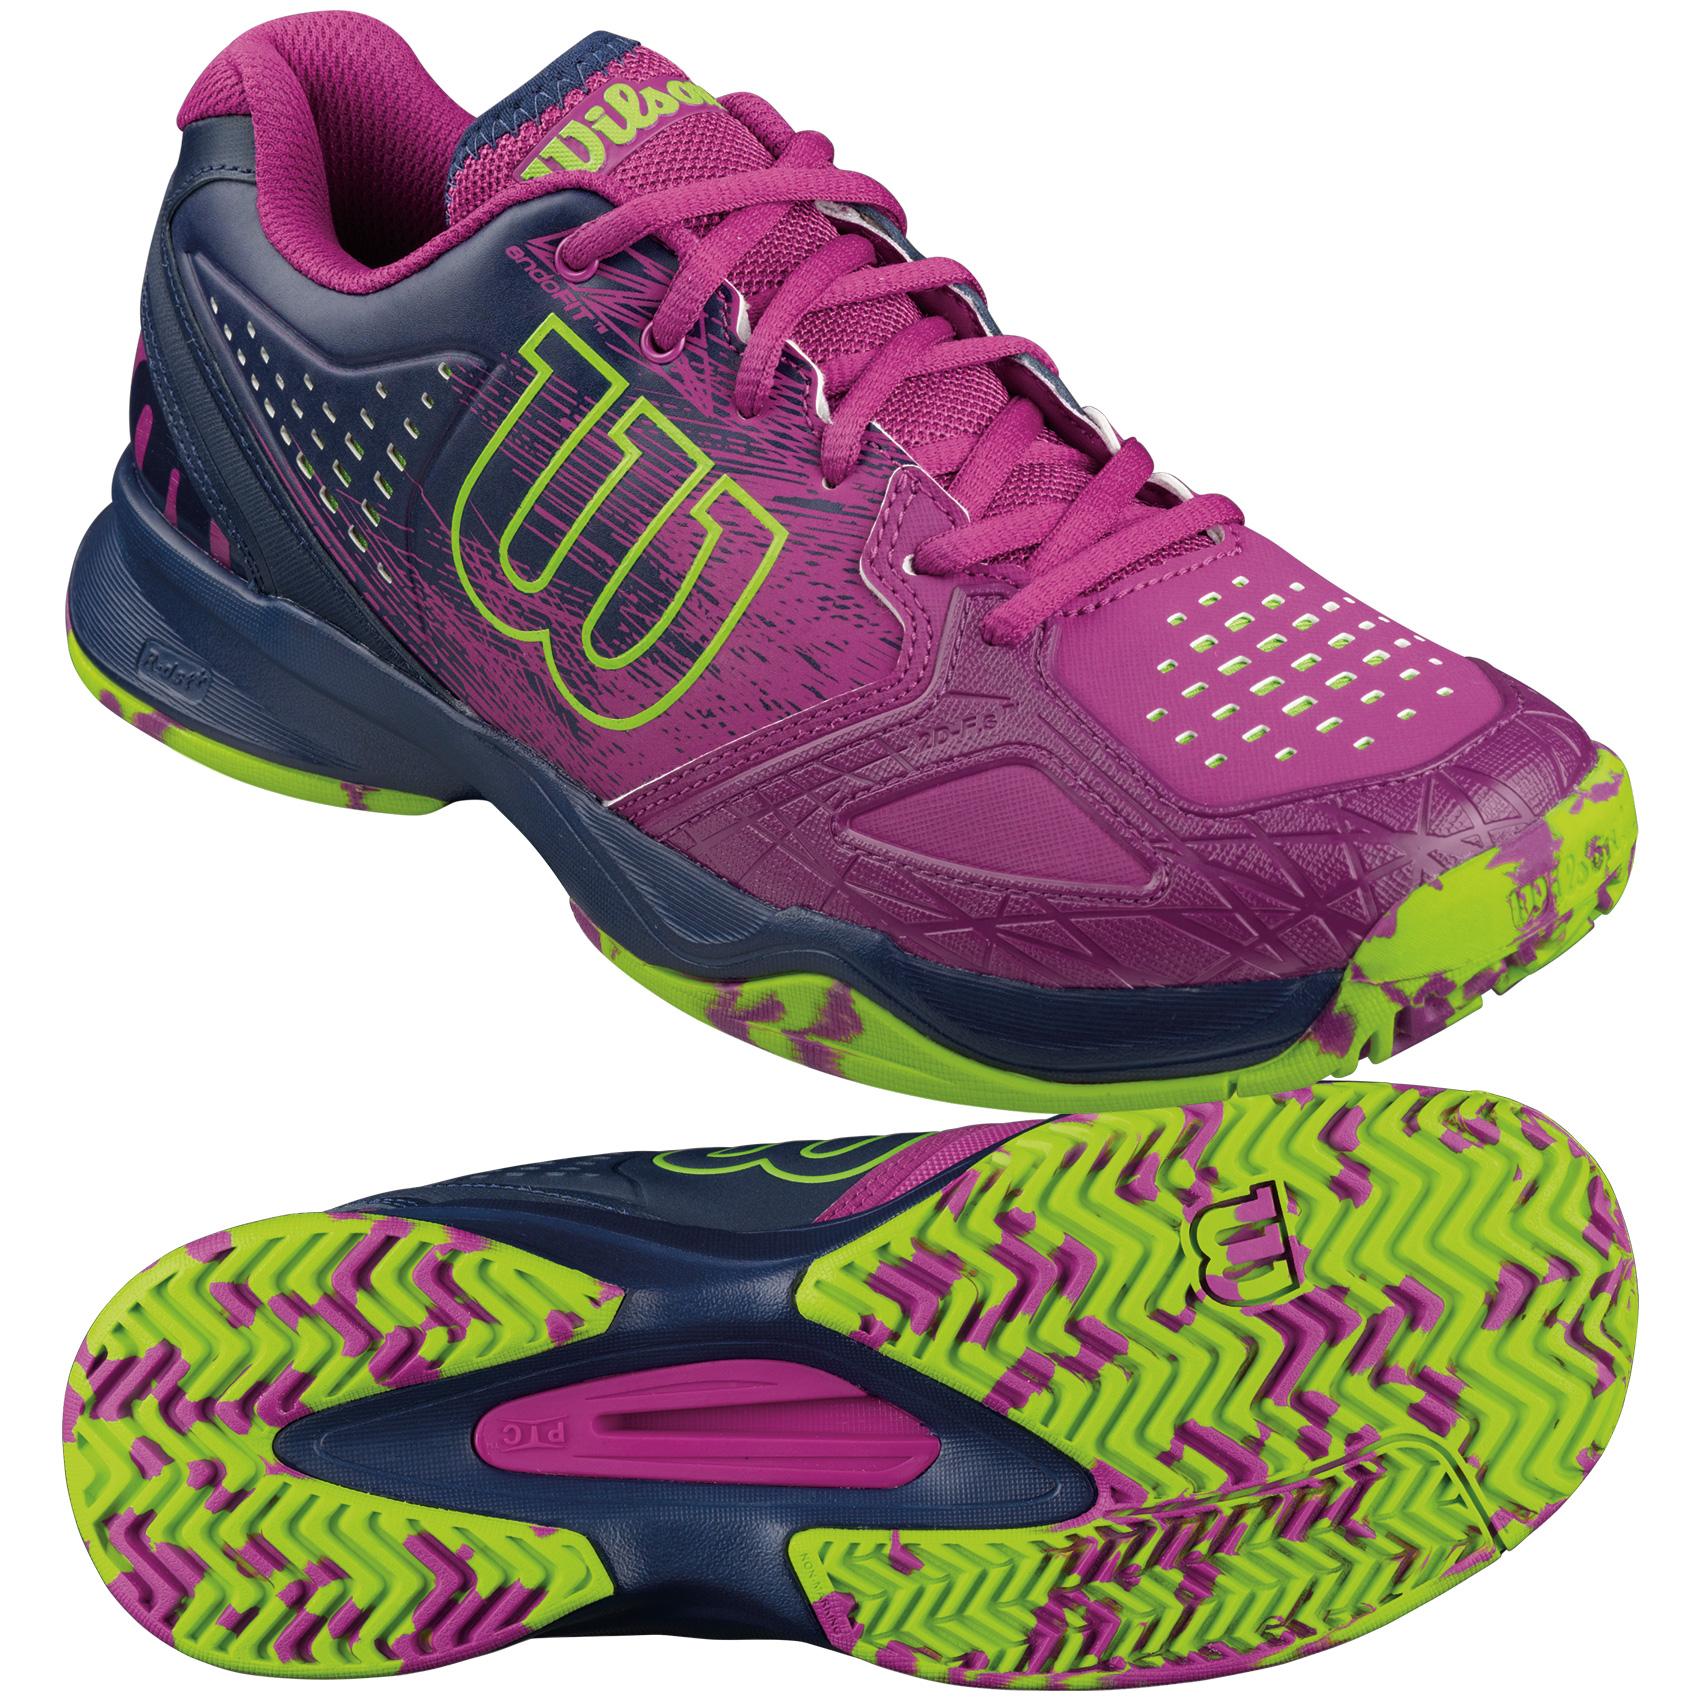 wilson kaos comp mens tennis shoes ss16 9 uk